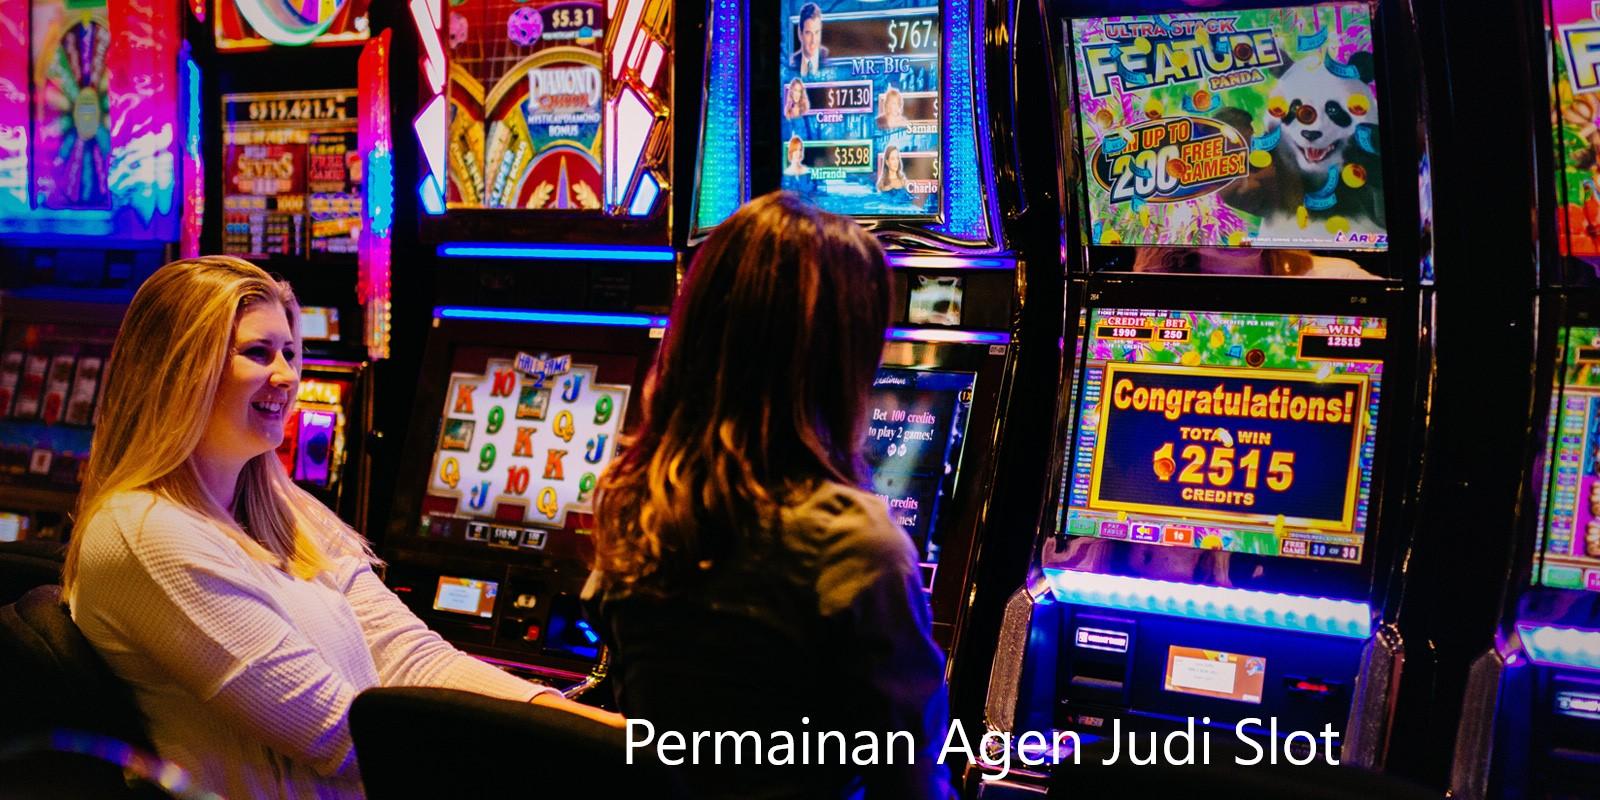 Permainan Agen Judi Slot